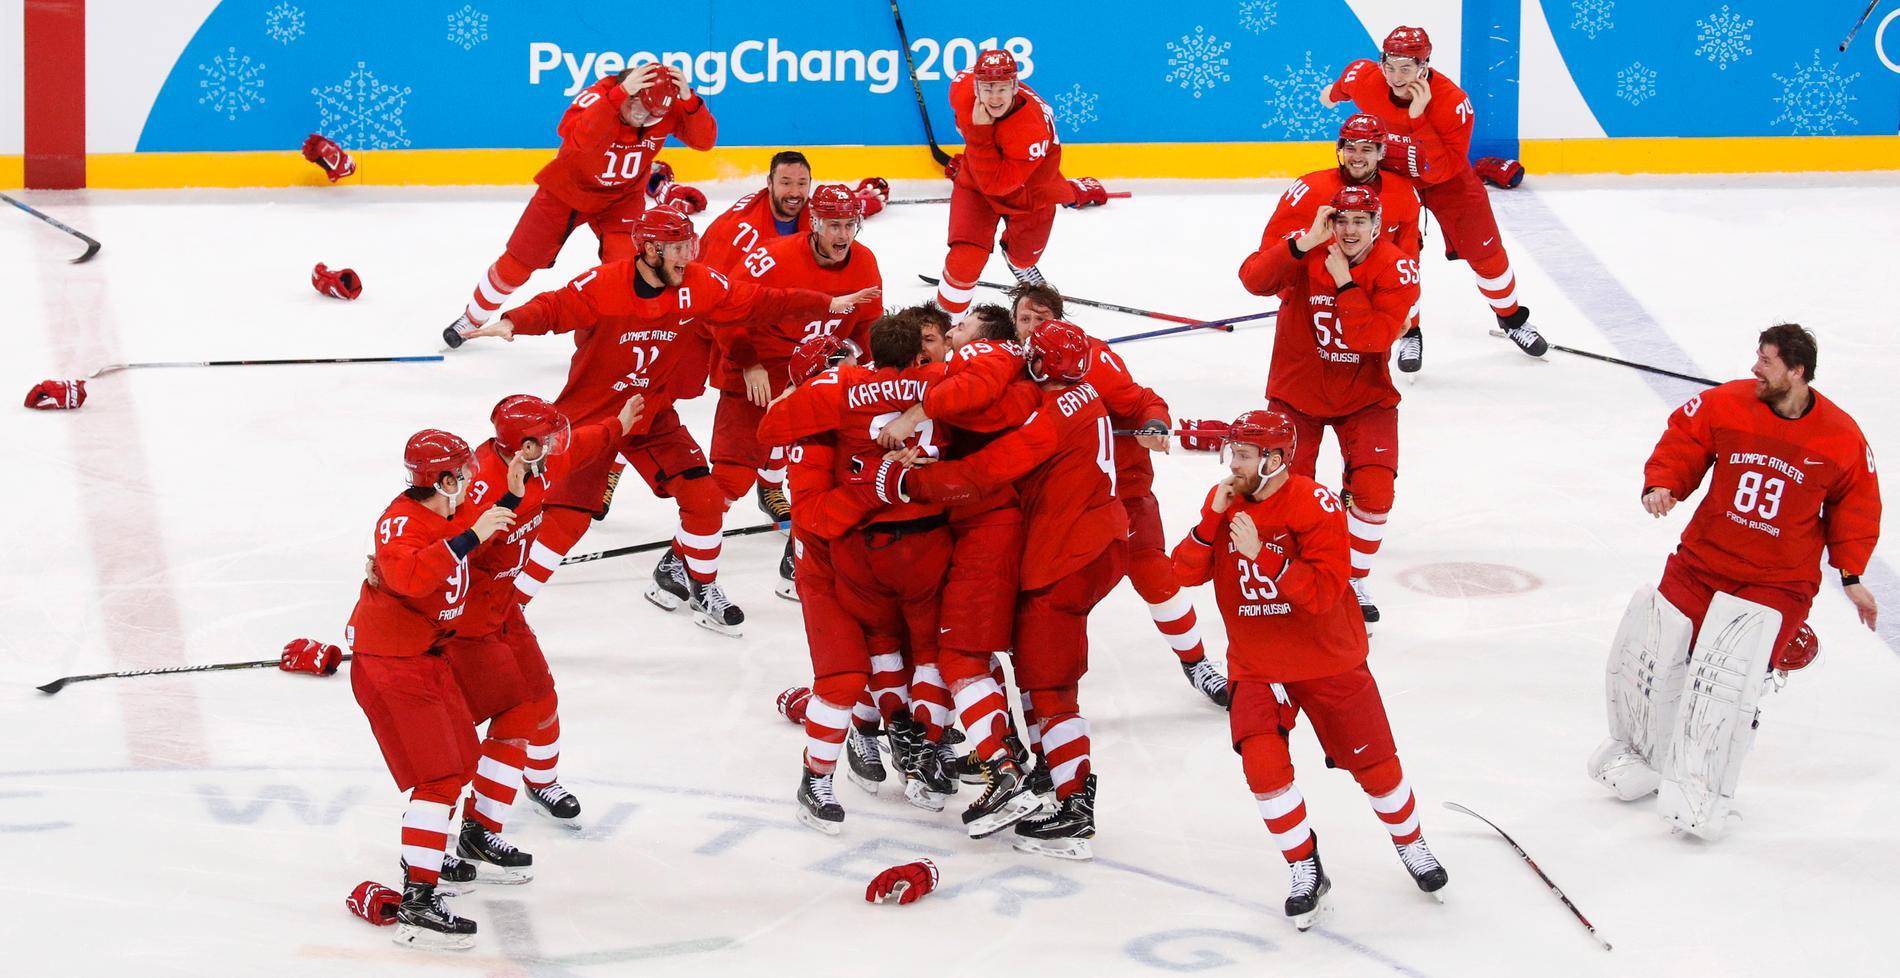 Det ryska laget tog OS-guld i Pyeongchang och är regerande mästare. Arkivbild.